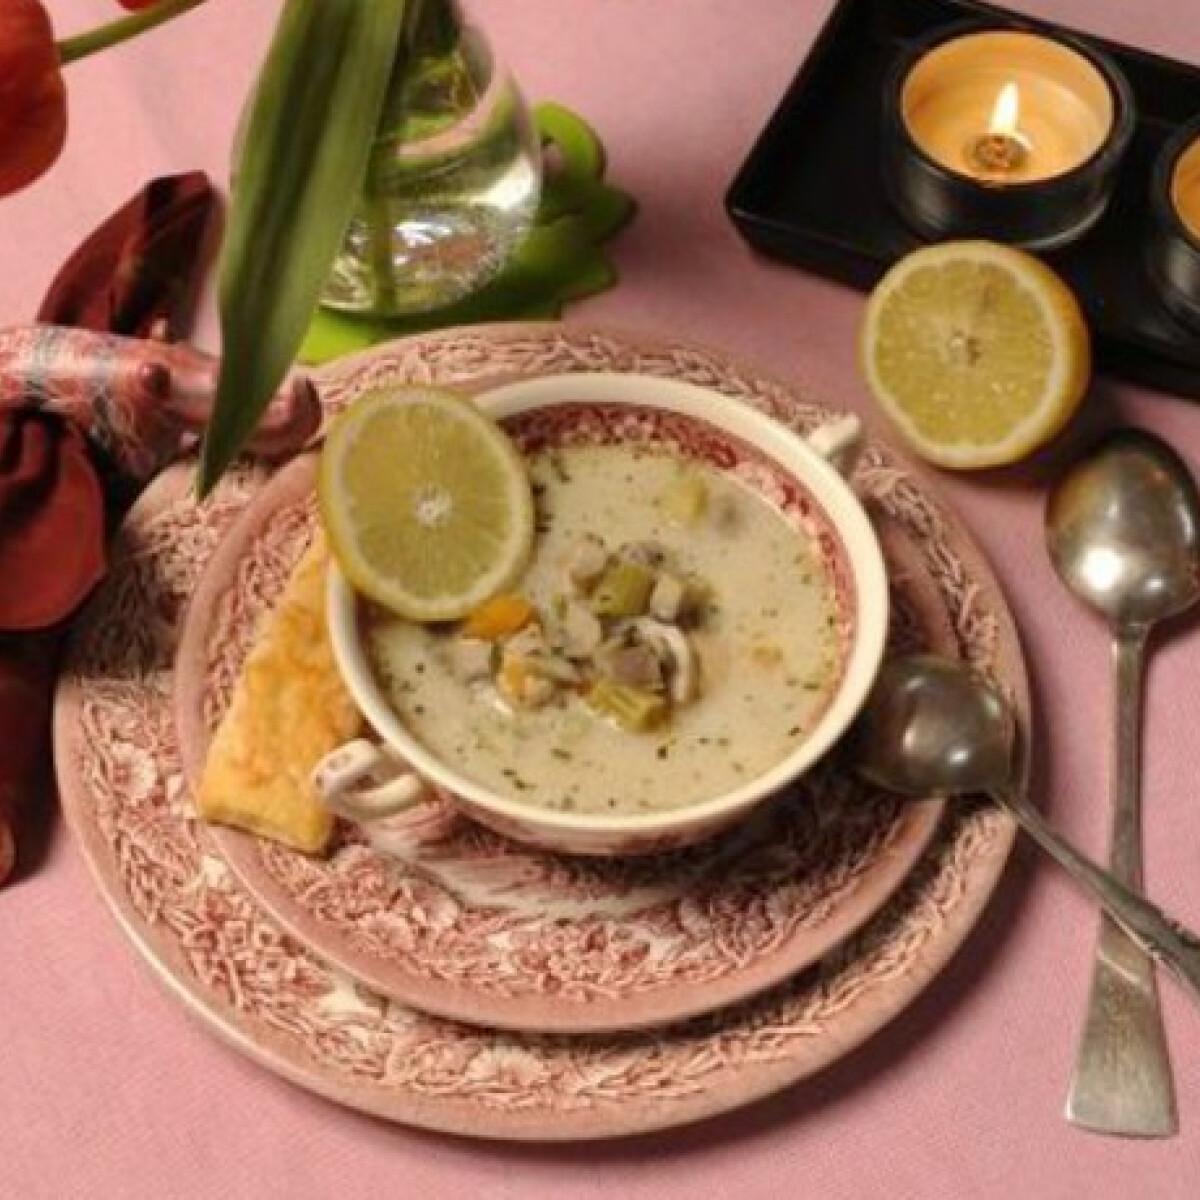 Tárkonyos gombaleves Gombagasztro konyhájából